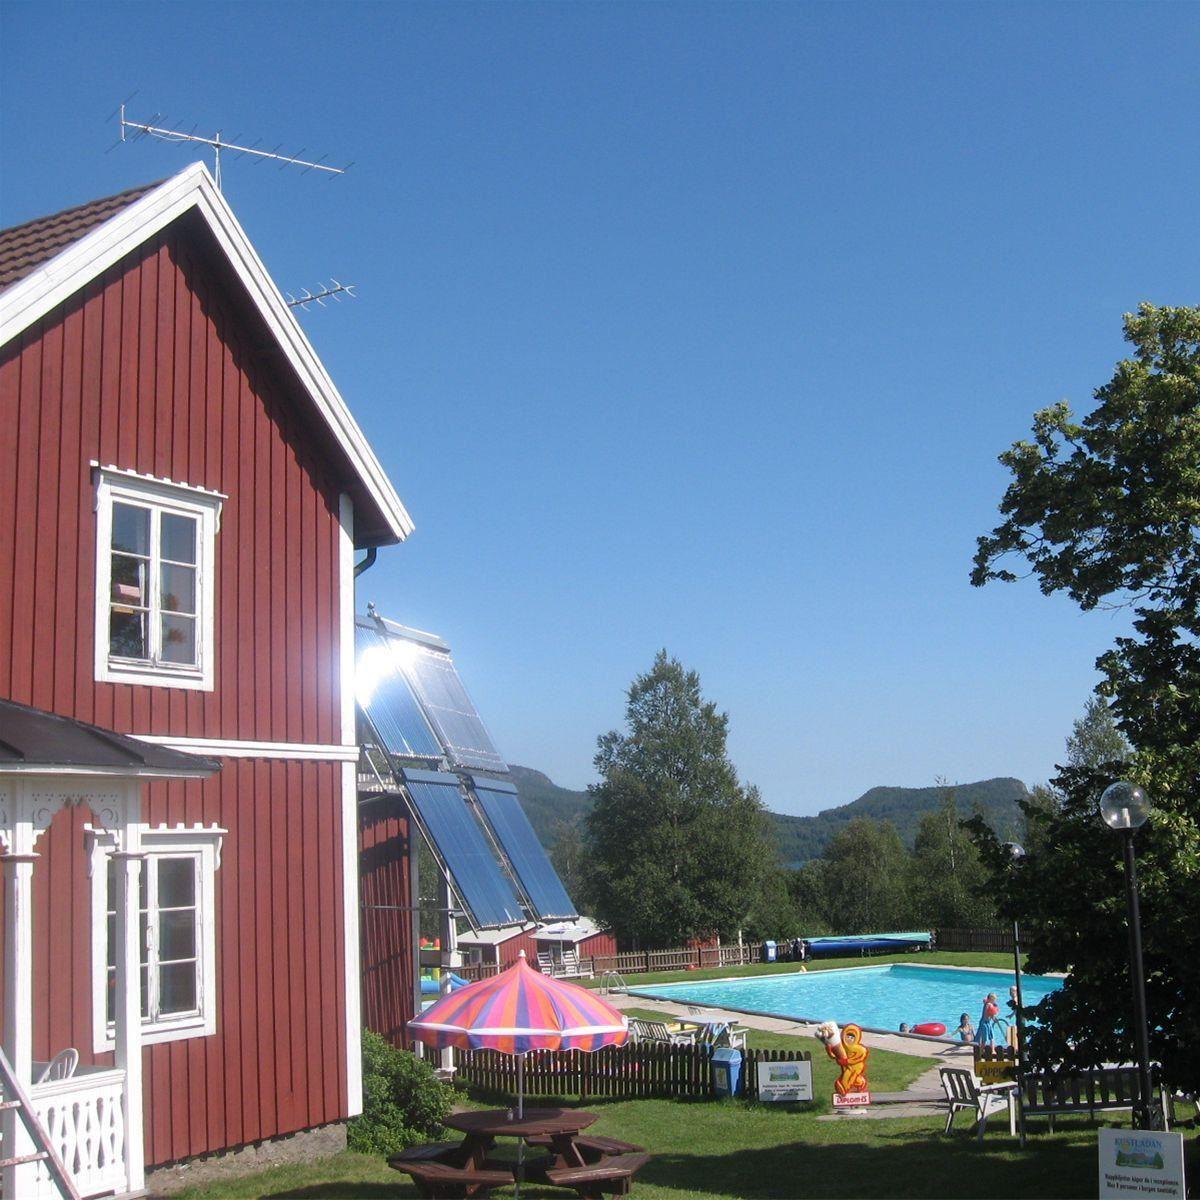 I anslutning till  Kustladans restaurang ligger docksta vandrahem och camping med pool, hoppborg och minigolf. På fredagar anordnas dans på logen hela sommaren.